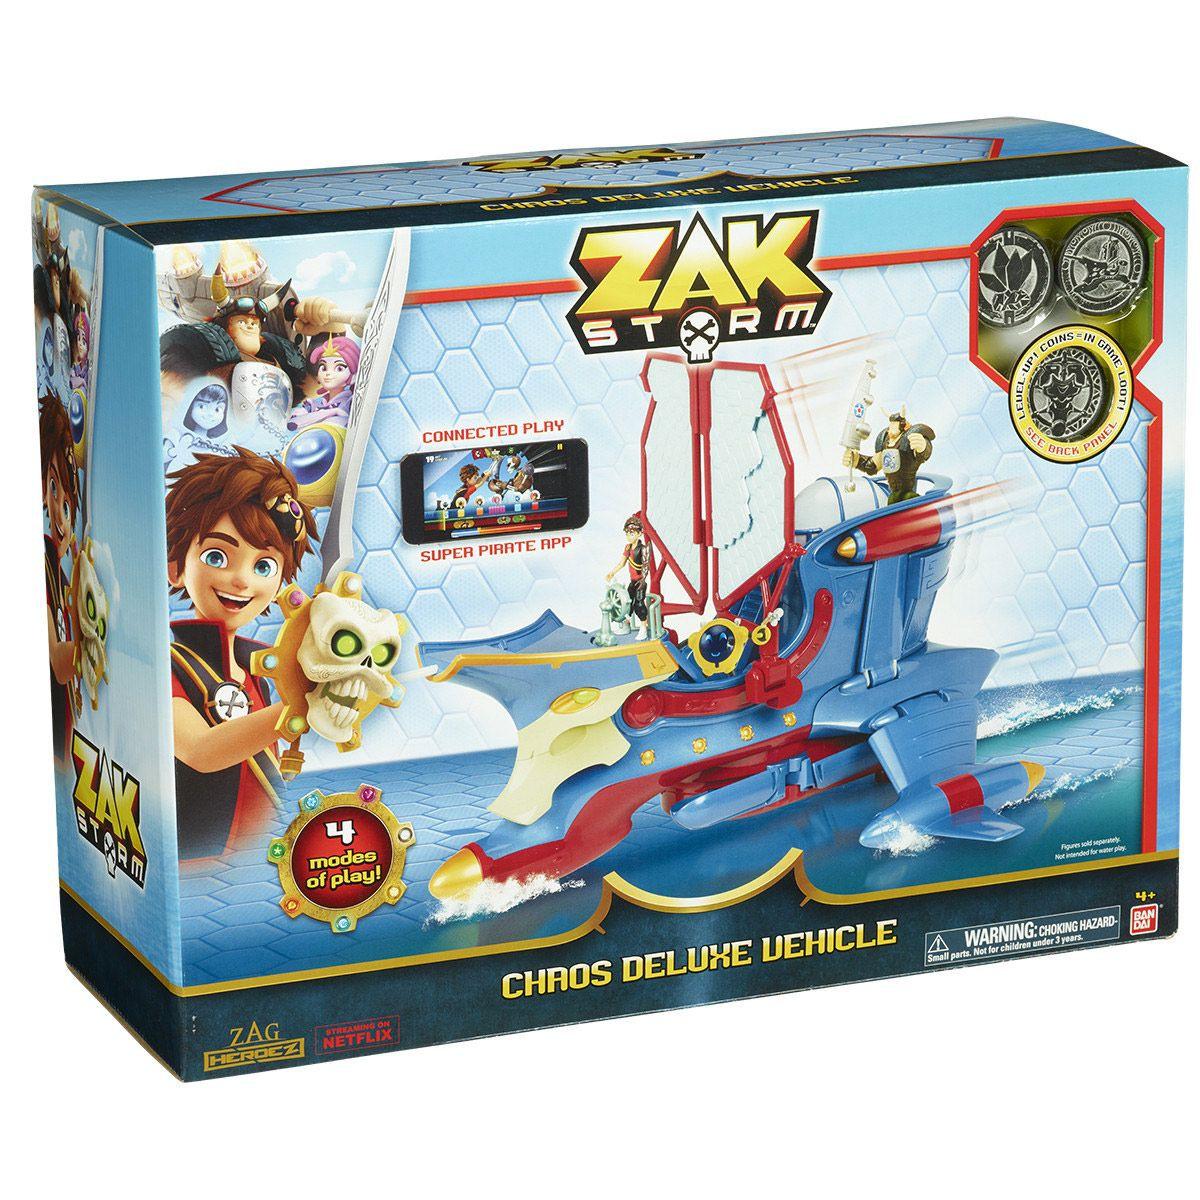 jouet zak storm